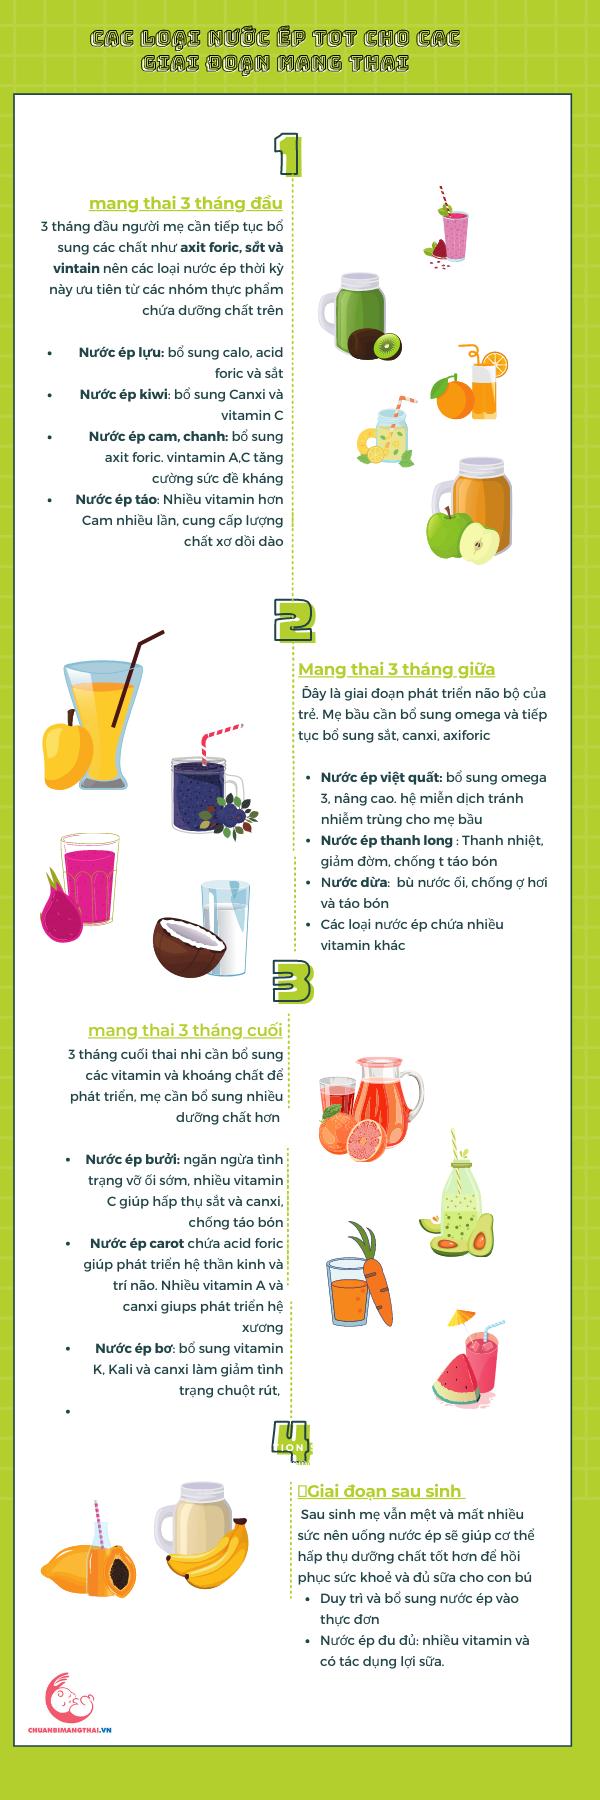 các loại nước ép tốt cho thực đơn chuẩn bị mang thai và từng gia đoạn thai kỳ